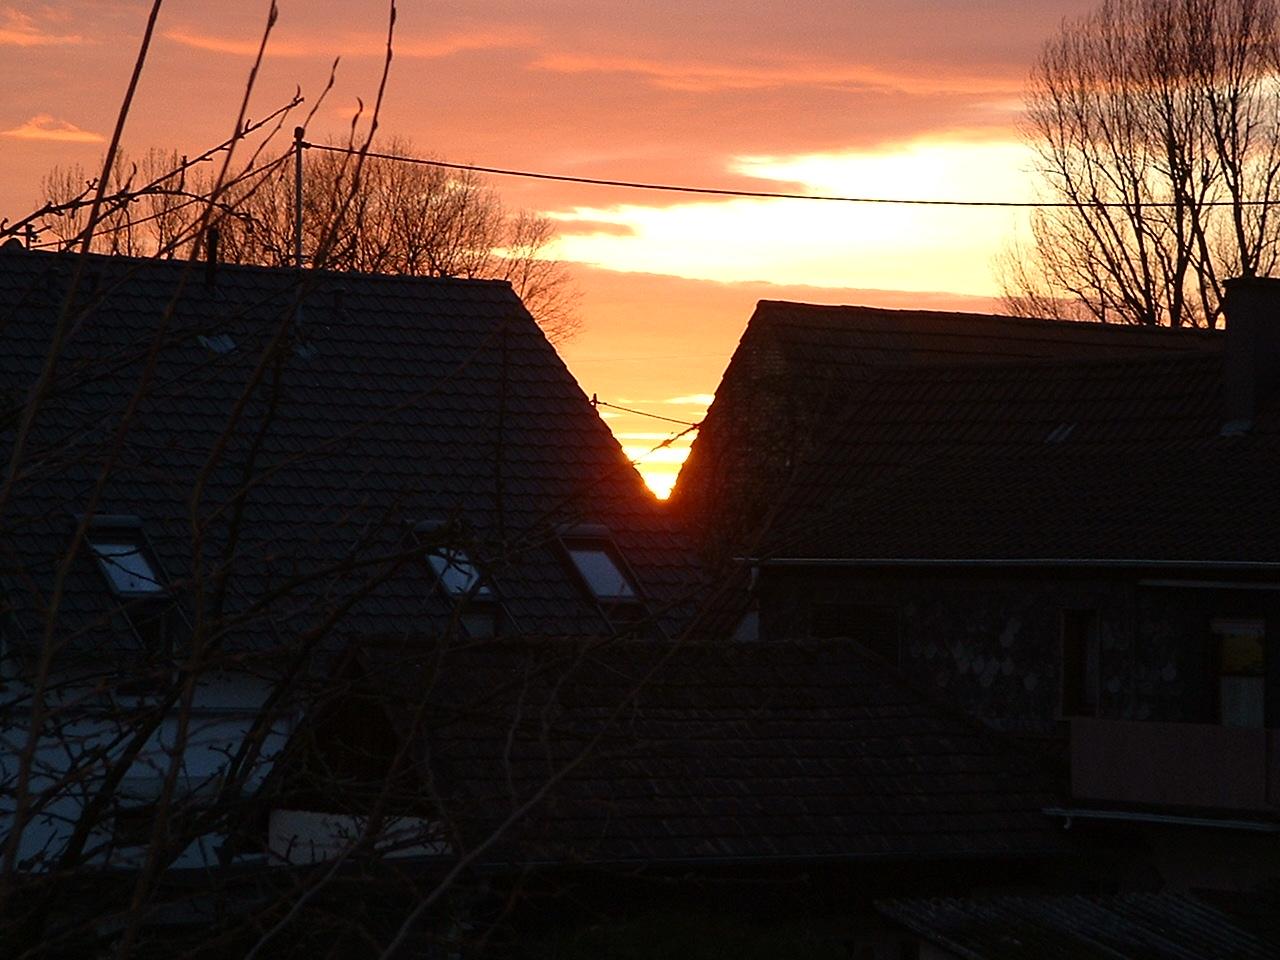 Winterliche Sonnenuntergänge Januar-März 2011